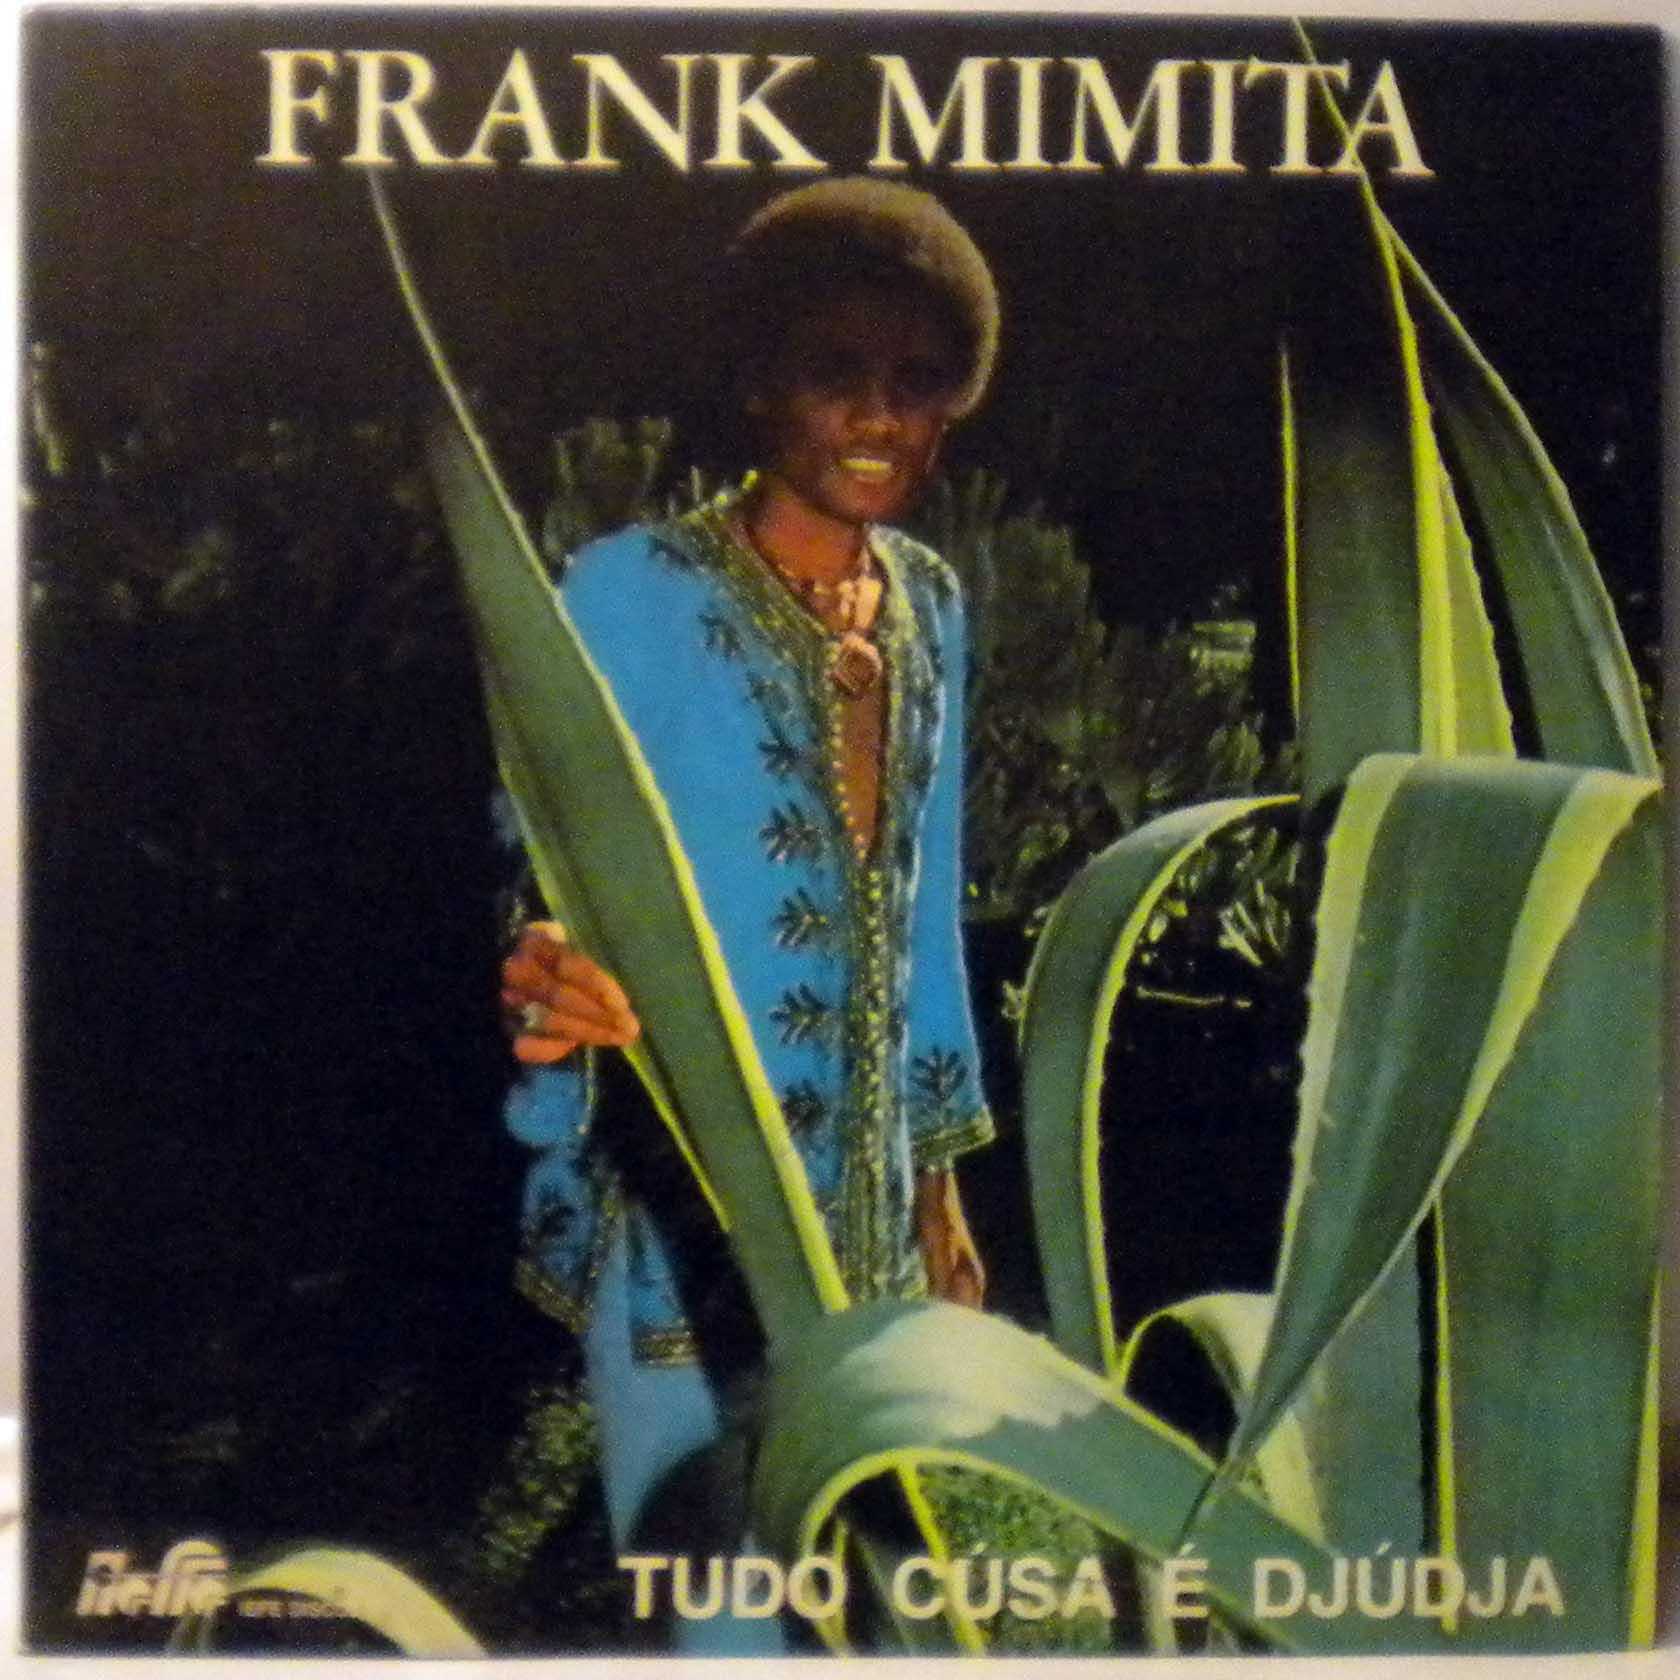 FRANK MIMITA - Tudo cusa e djudja - LP